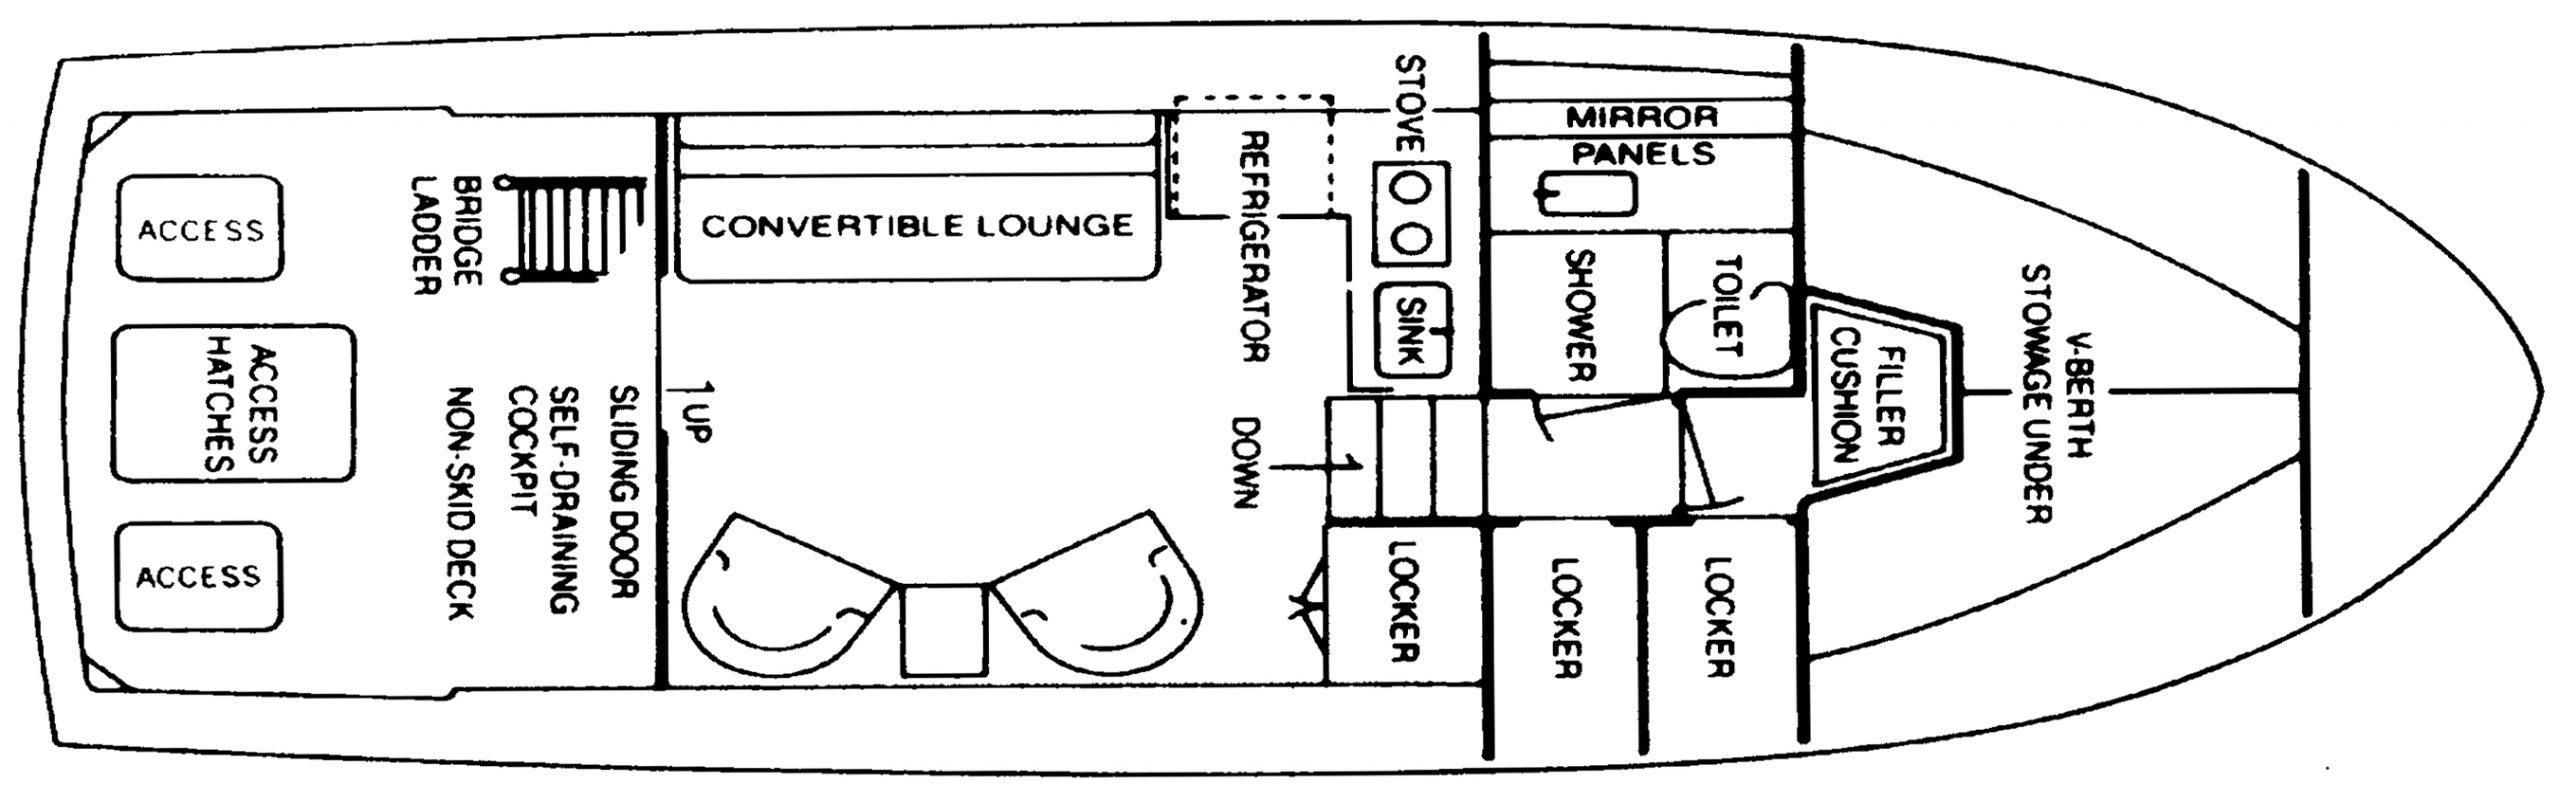 33 Flybridge Cruiser Floor Plan 2